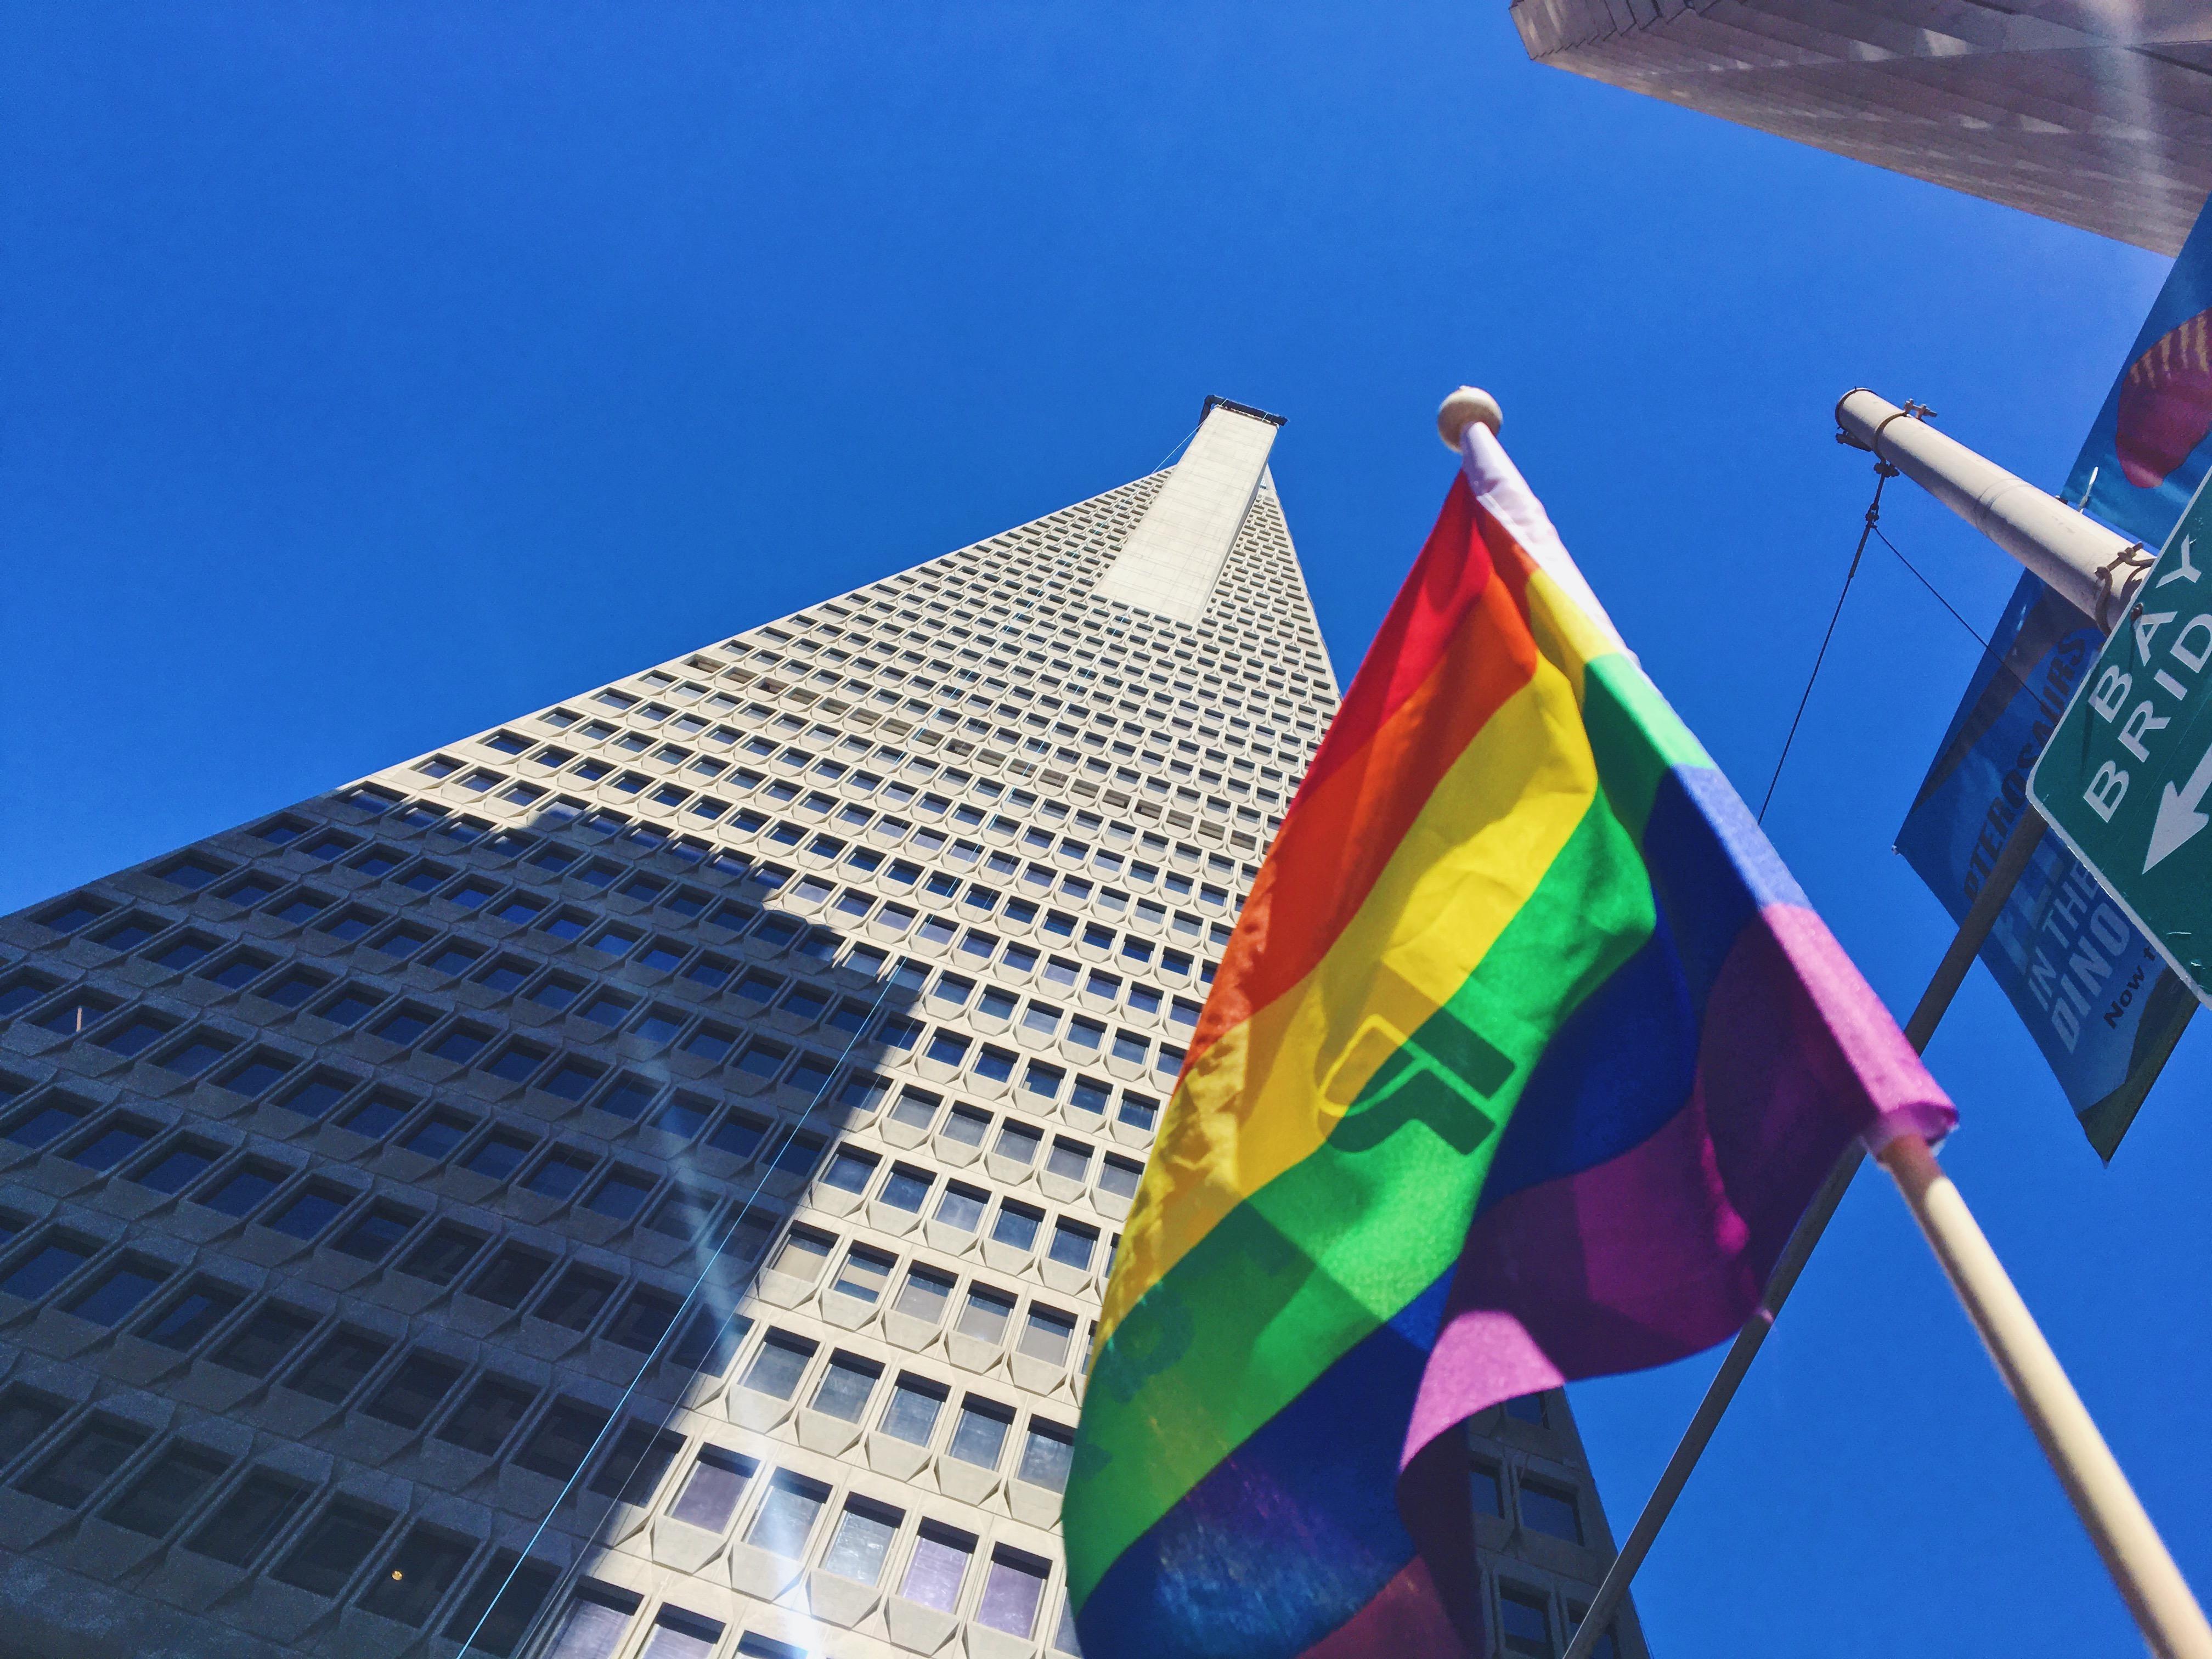 San Francisco simbolo Pride - L'evento migliore di San Francisco - la LGBTQ Pride Parade